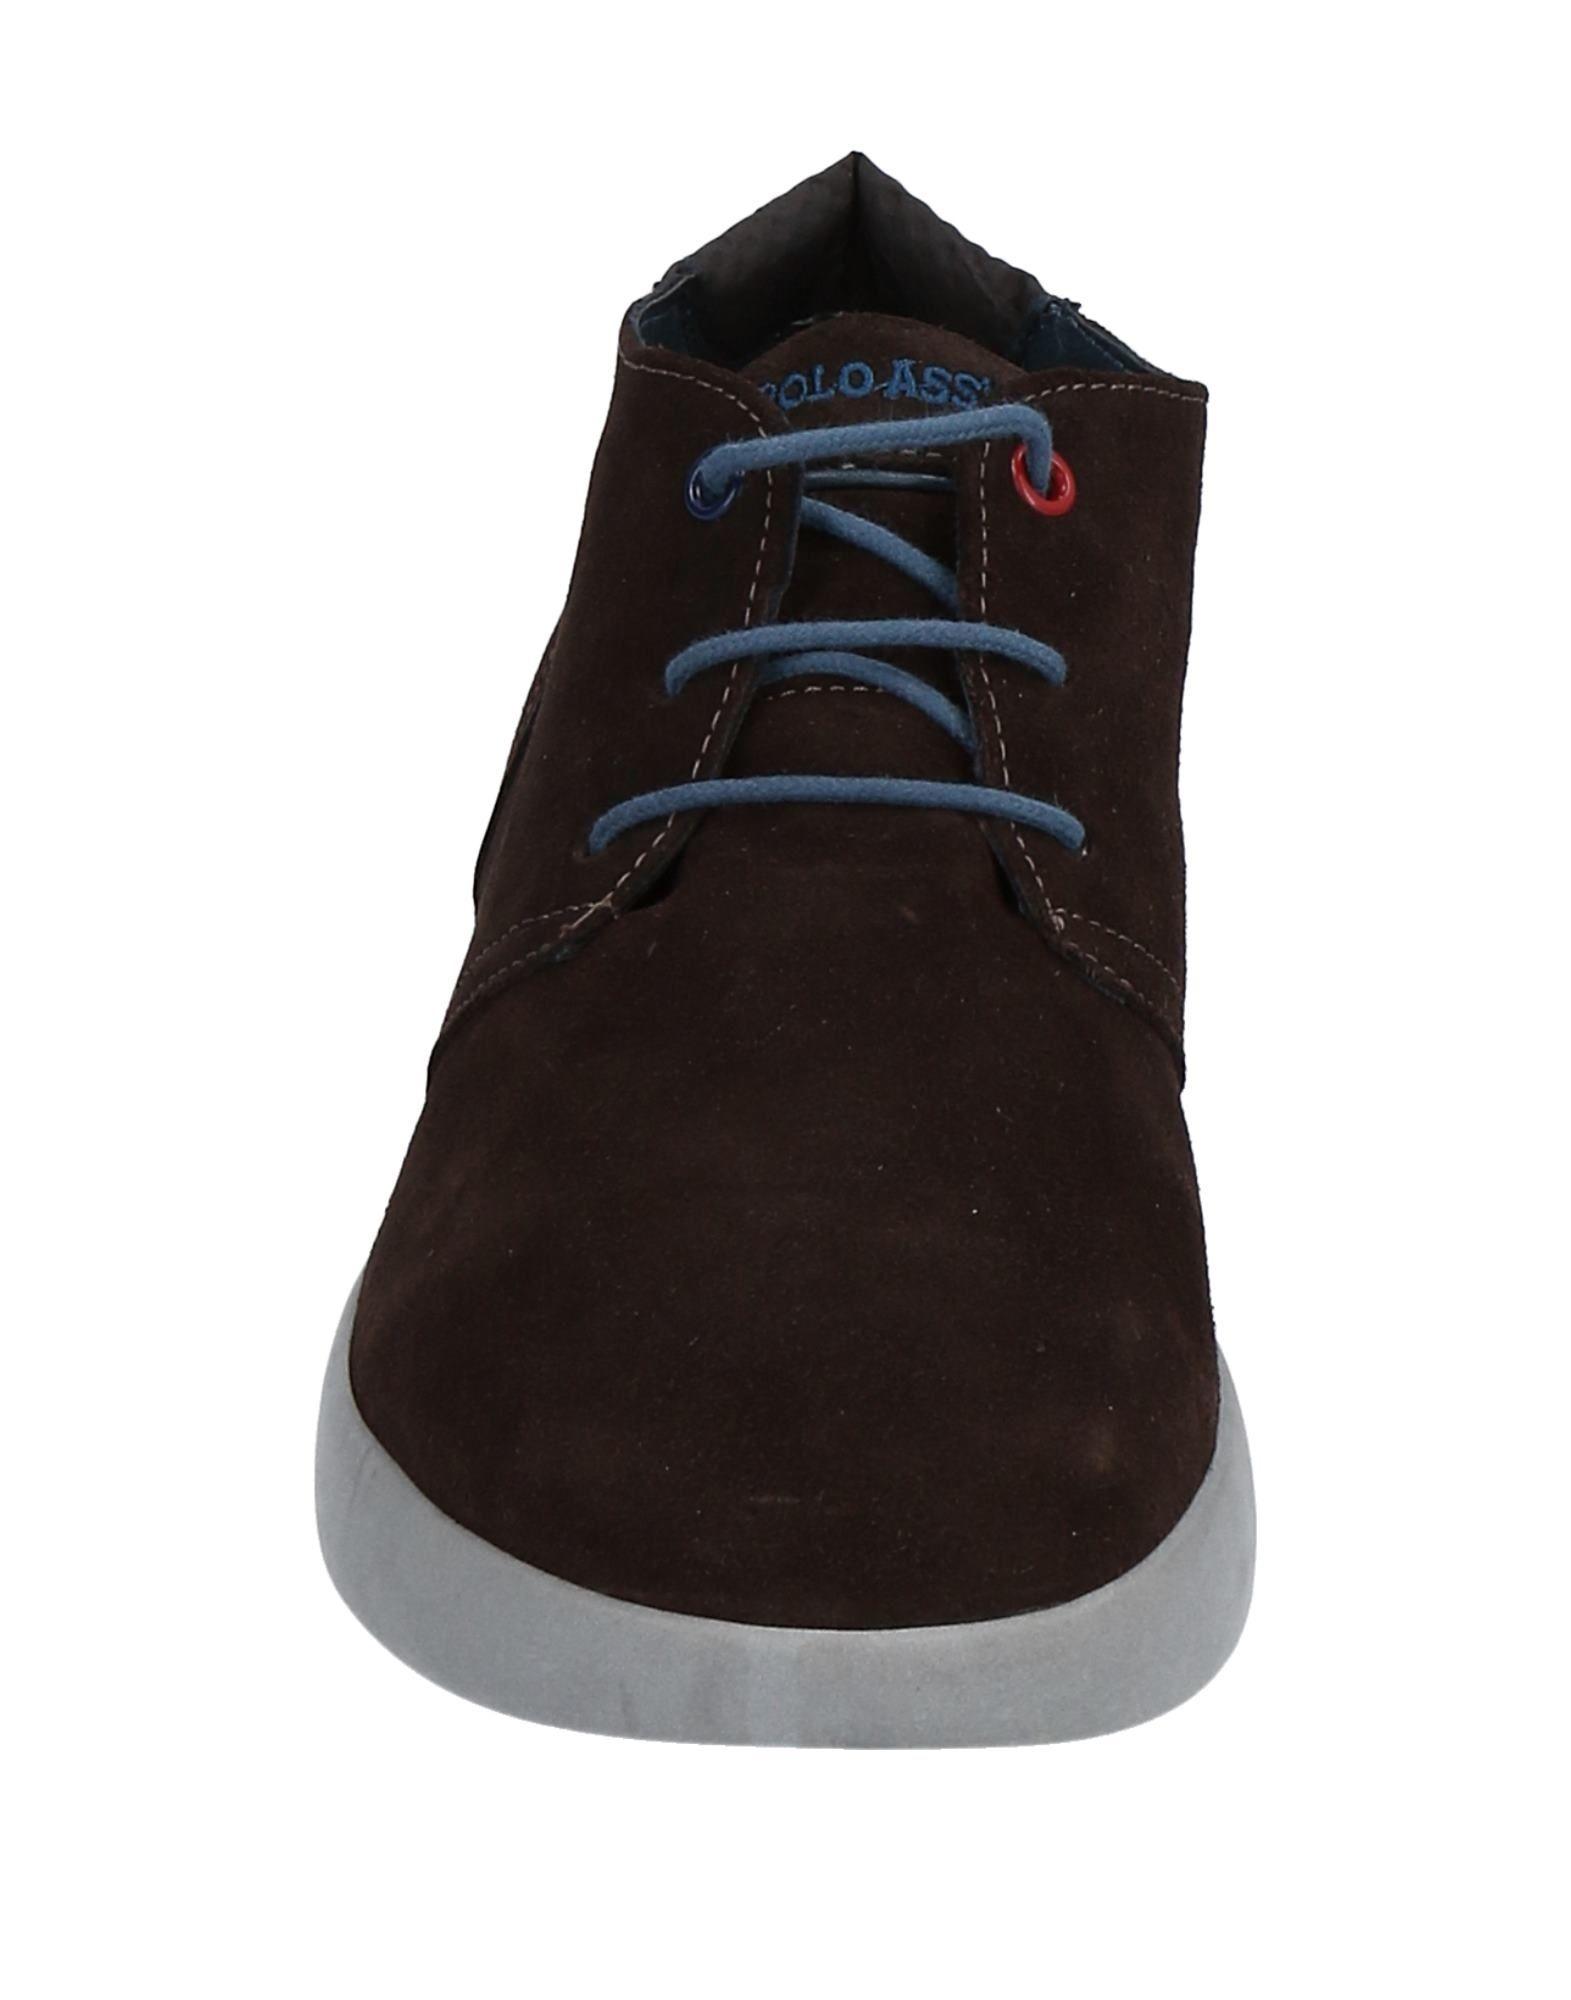 Rabatt echte Schuhe U.S.Polo Assn. 11523486NP Stiefelette Herren  11523486NP Assn. e873c7